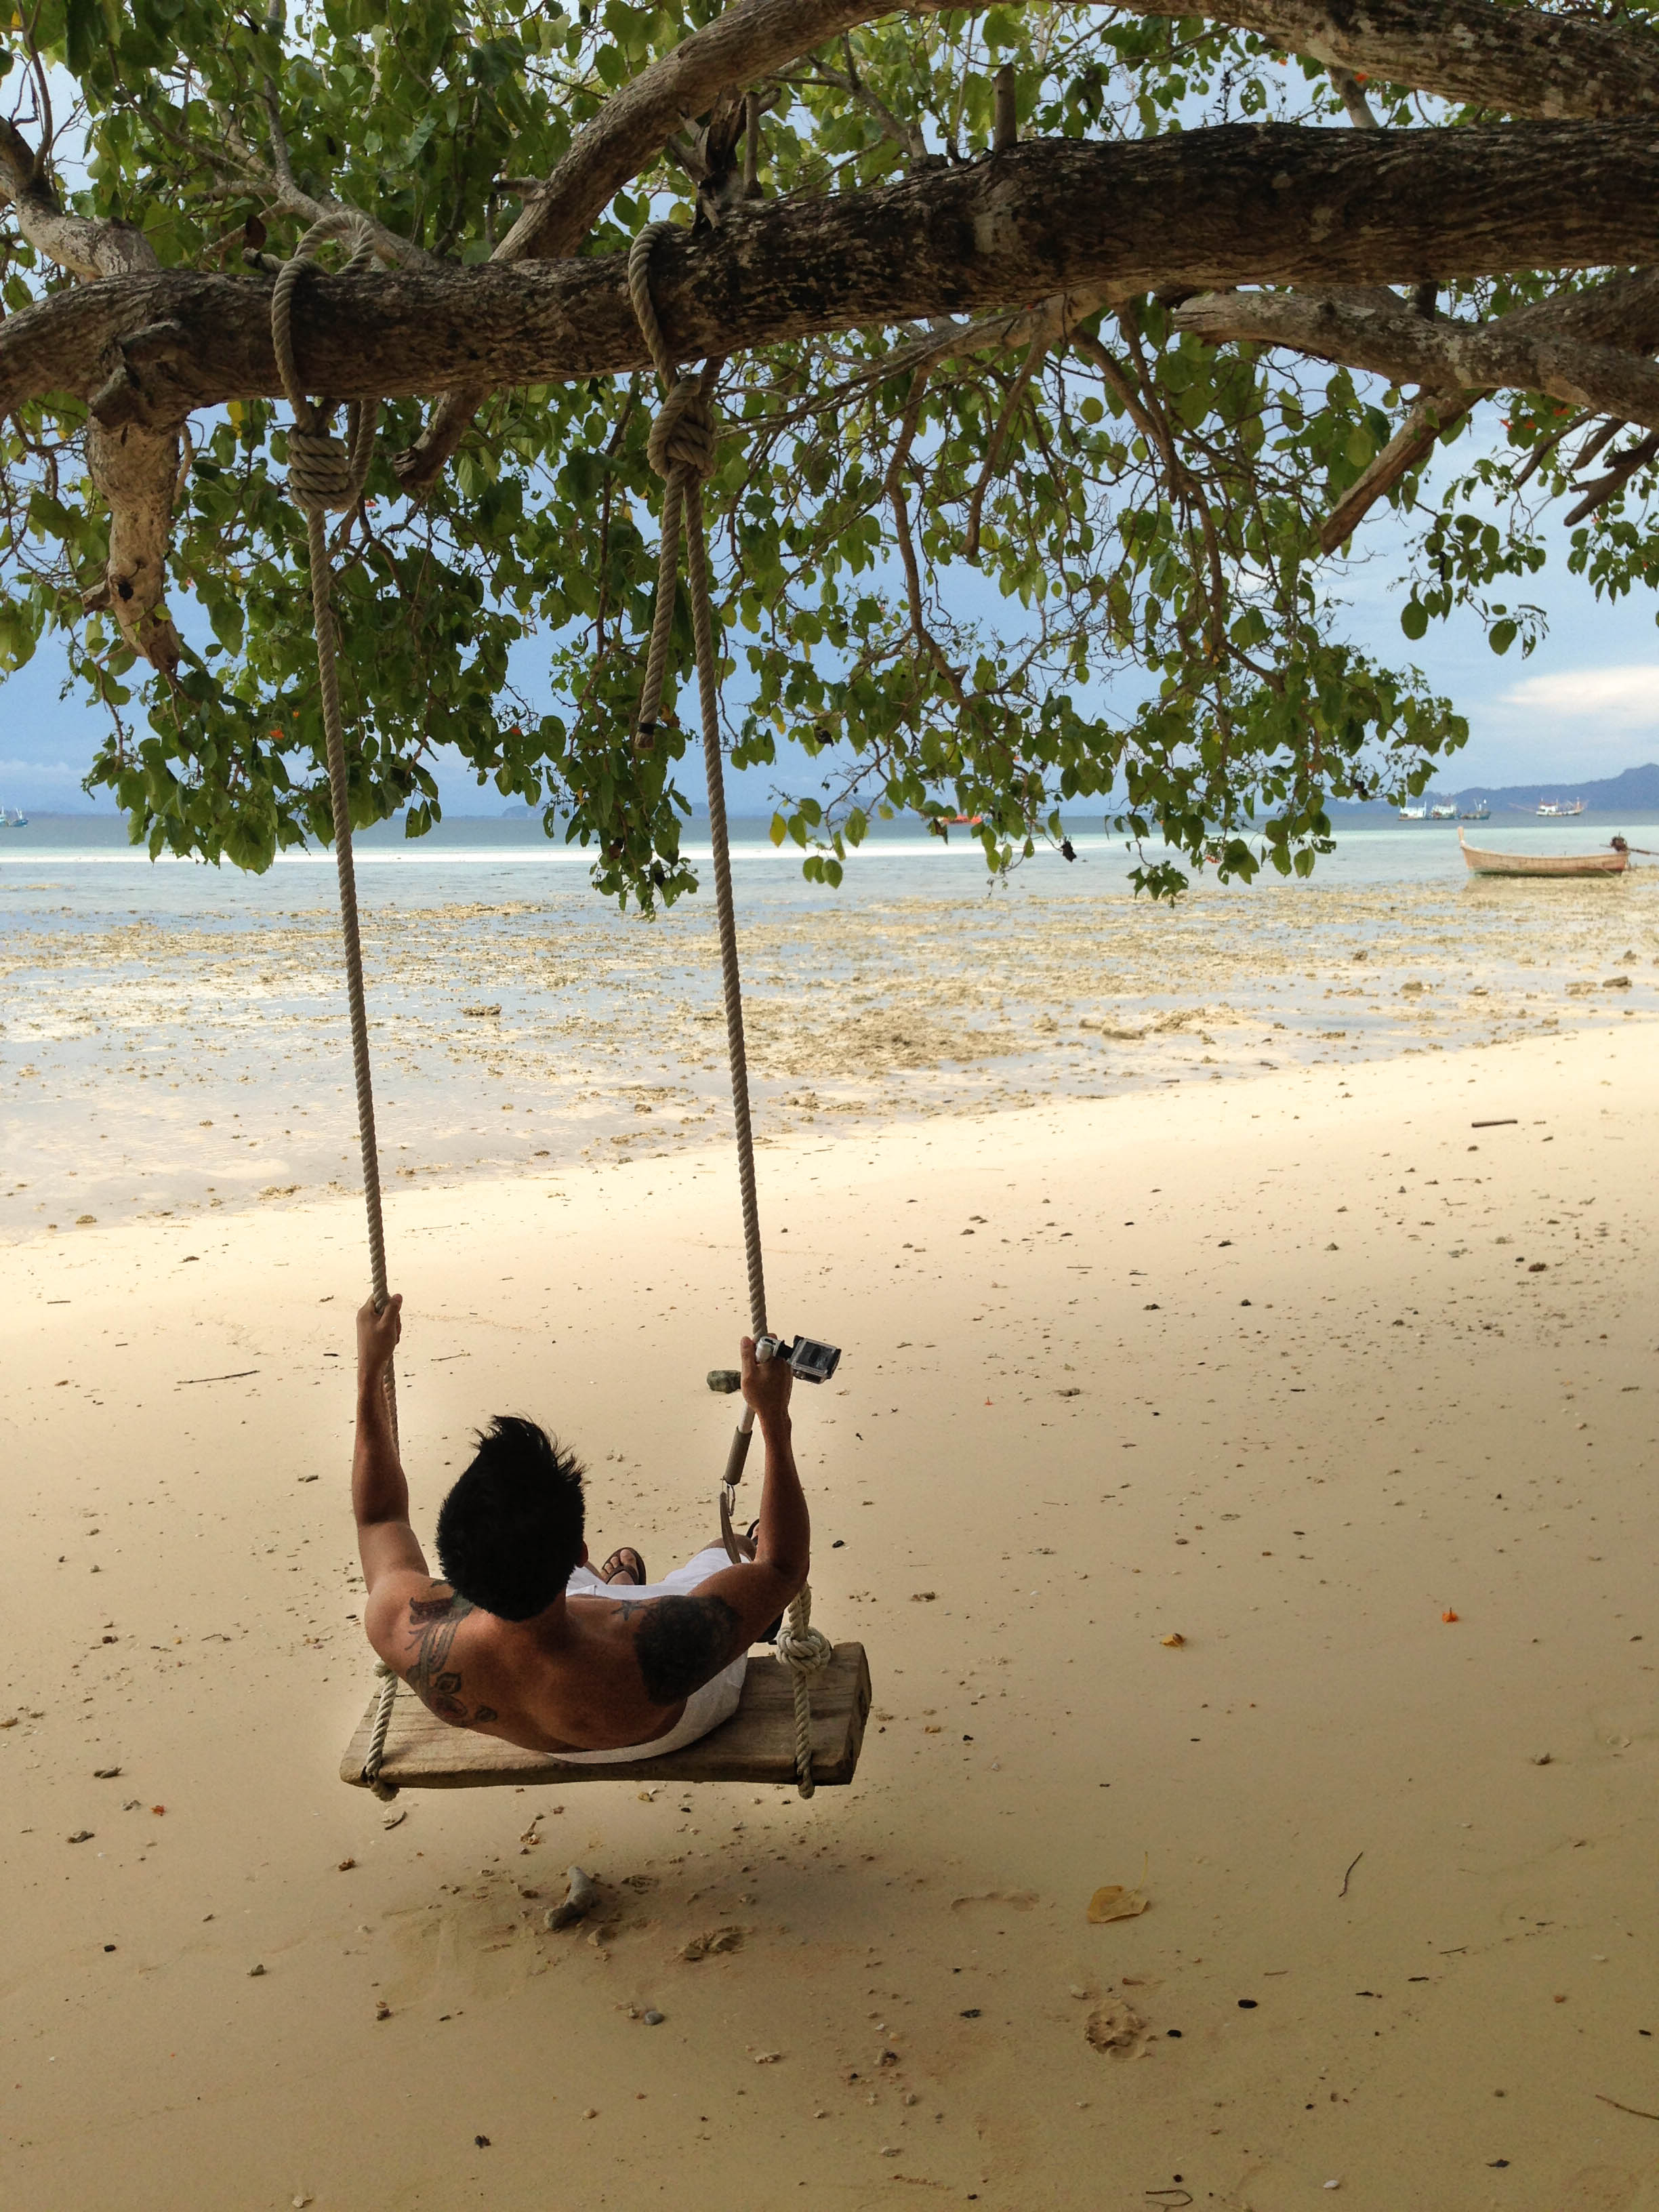 boy in swing on sandy beach on koh kradan island